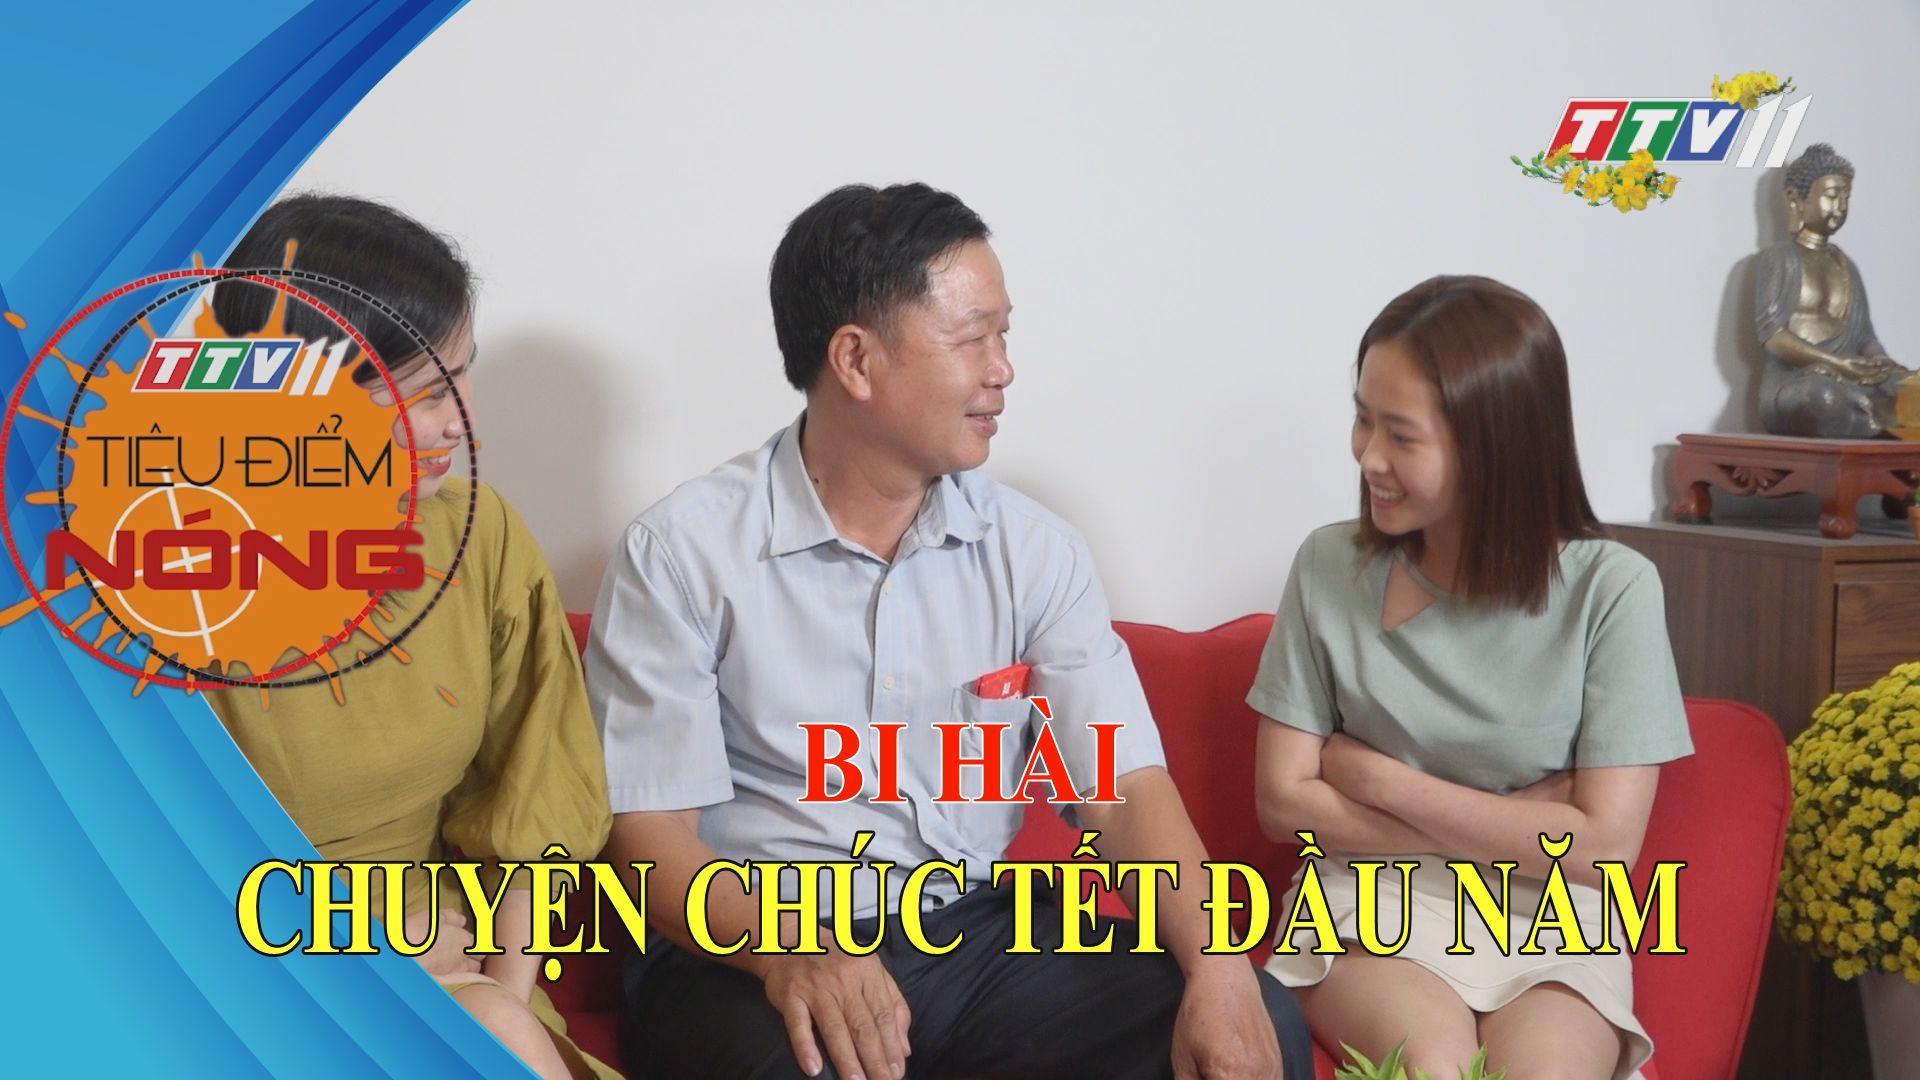 Bi hài chuyện chúc Tết đầu năm | Tiêu điểm nóng | TayNinhTV